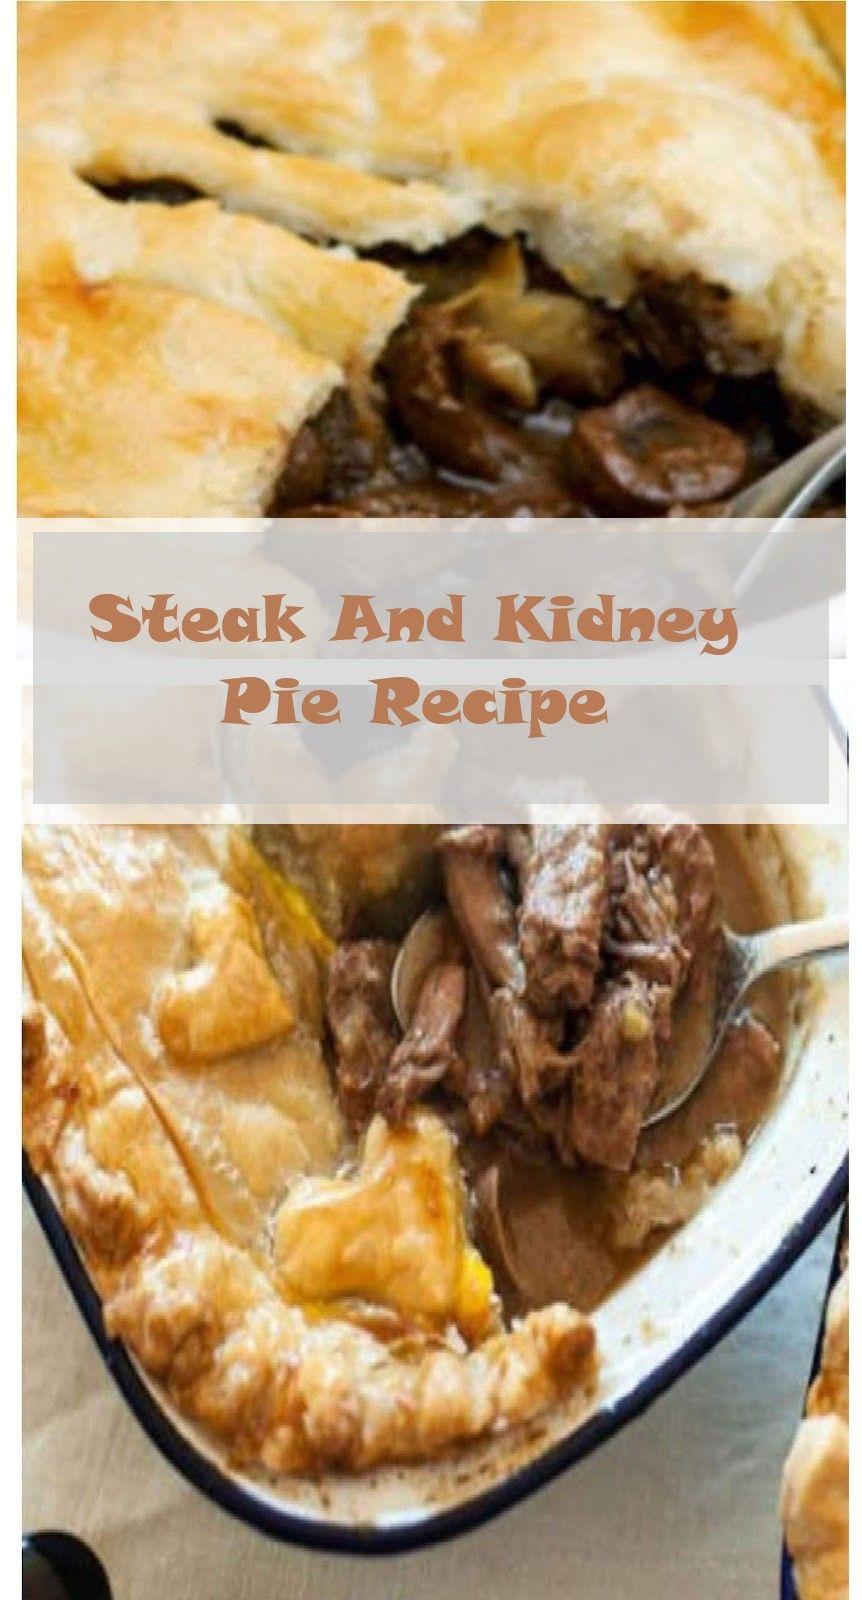 Steak And Kidney Pie Recipe   Steak and kidney pie ...